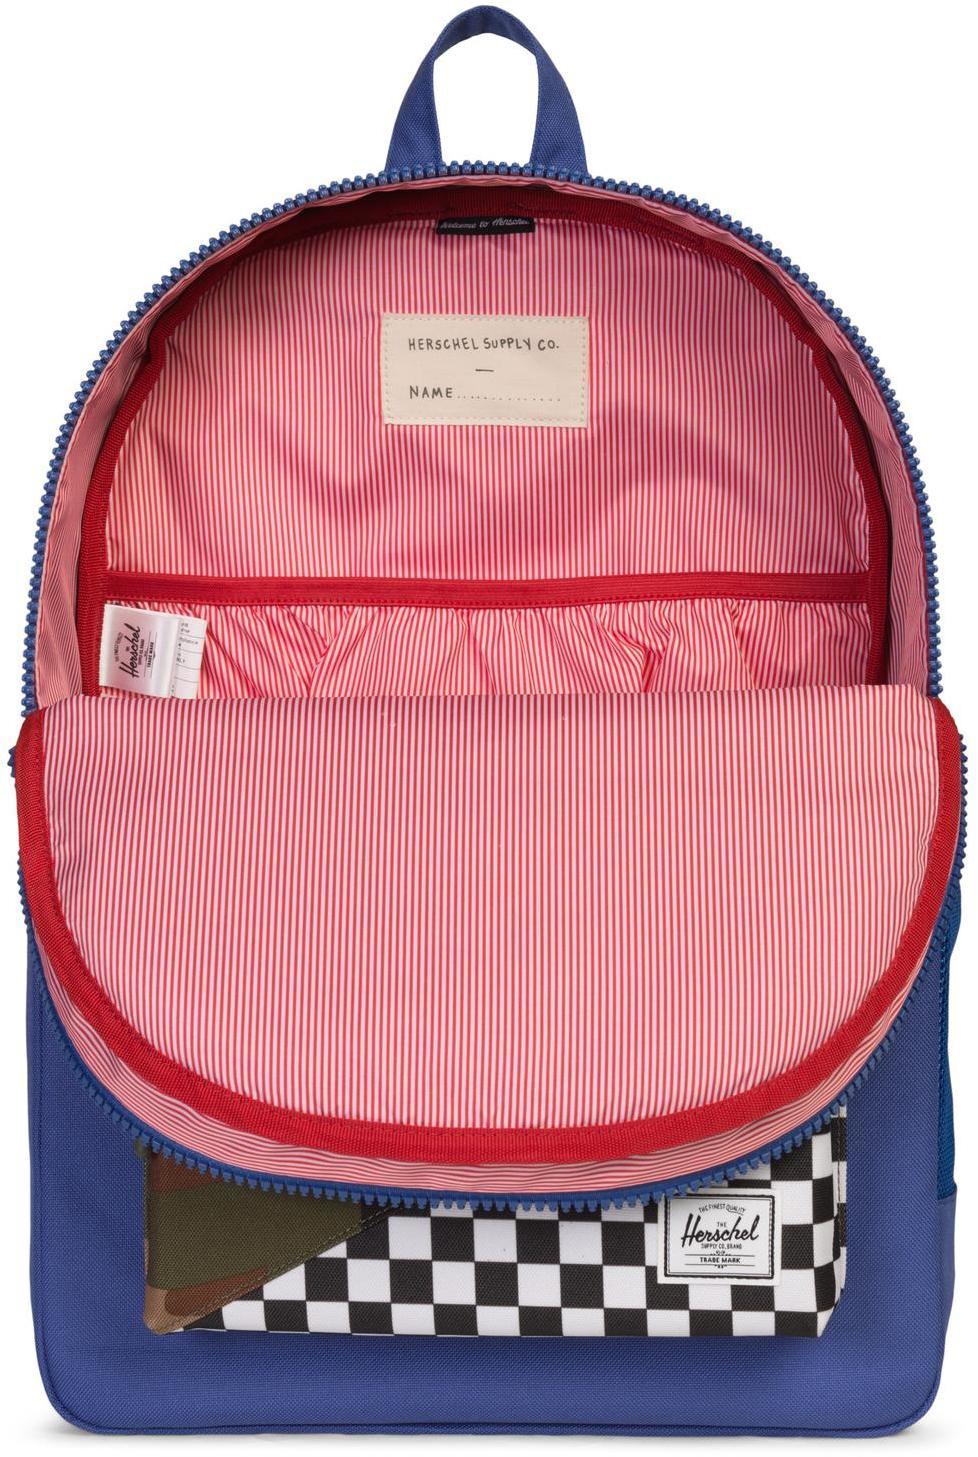 4f275b20d70 Herschel Heritage XL Rygsæk Børn blå | Find outdoortøj, sko & udstyr ...